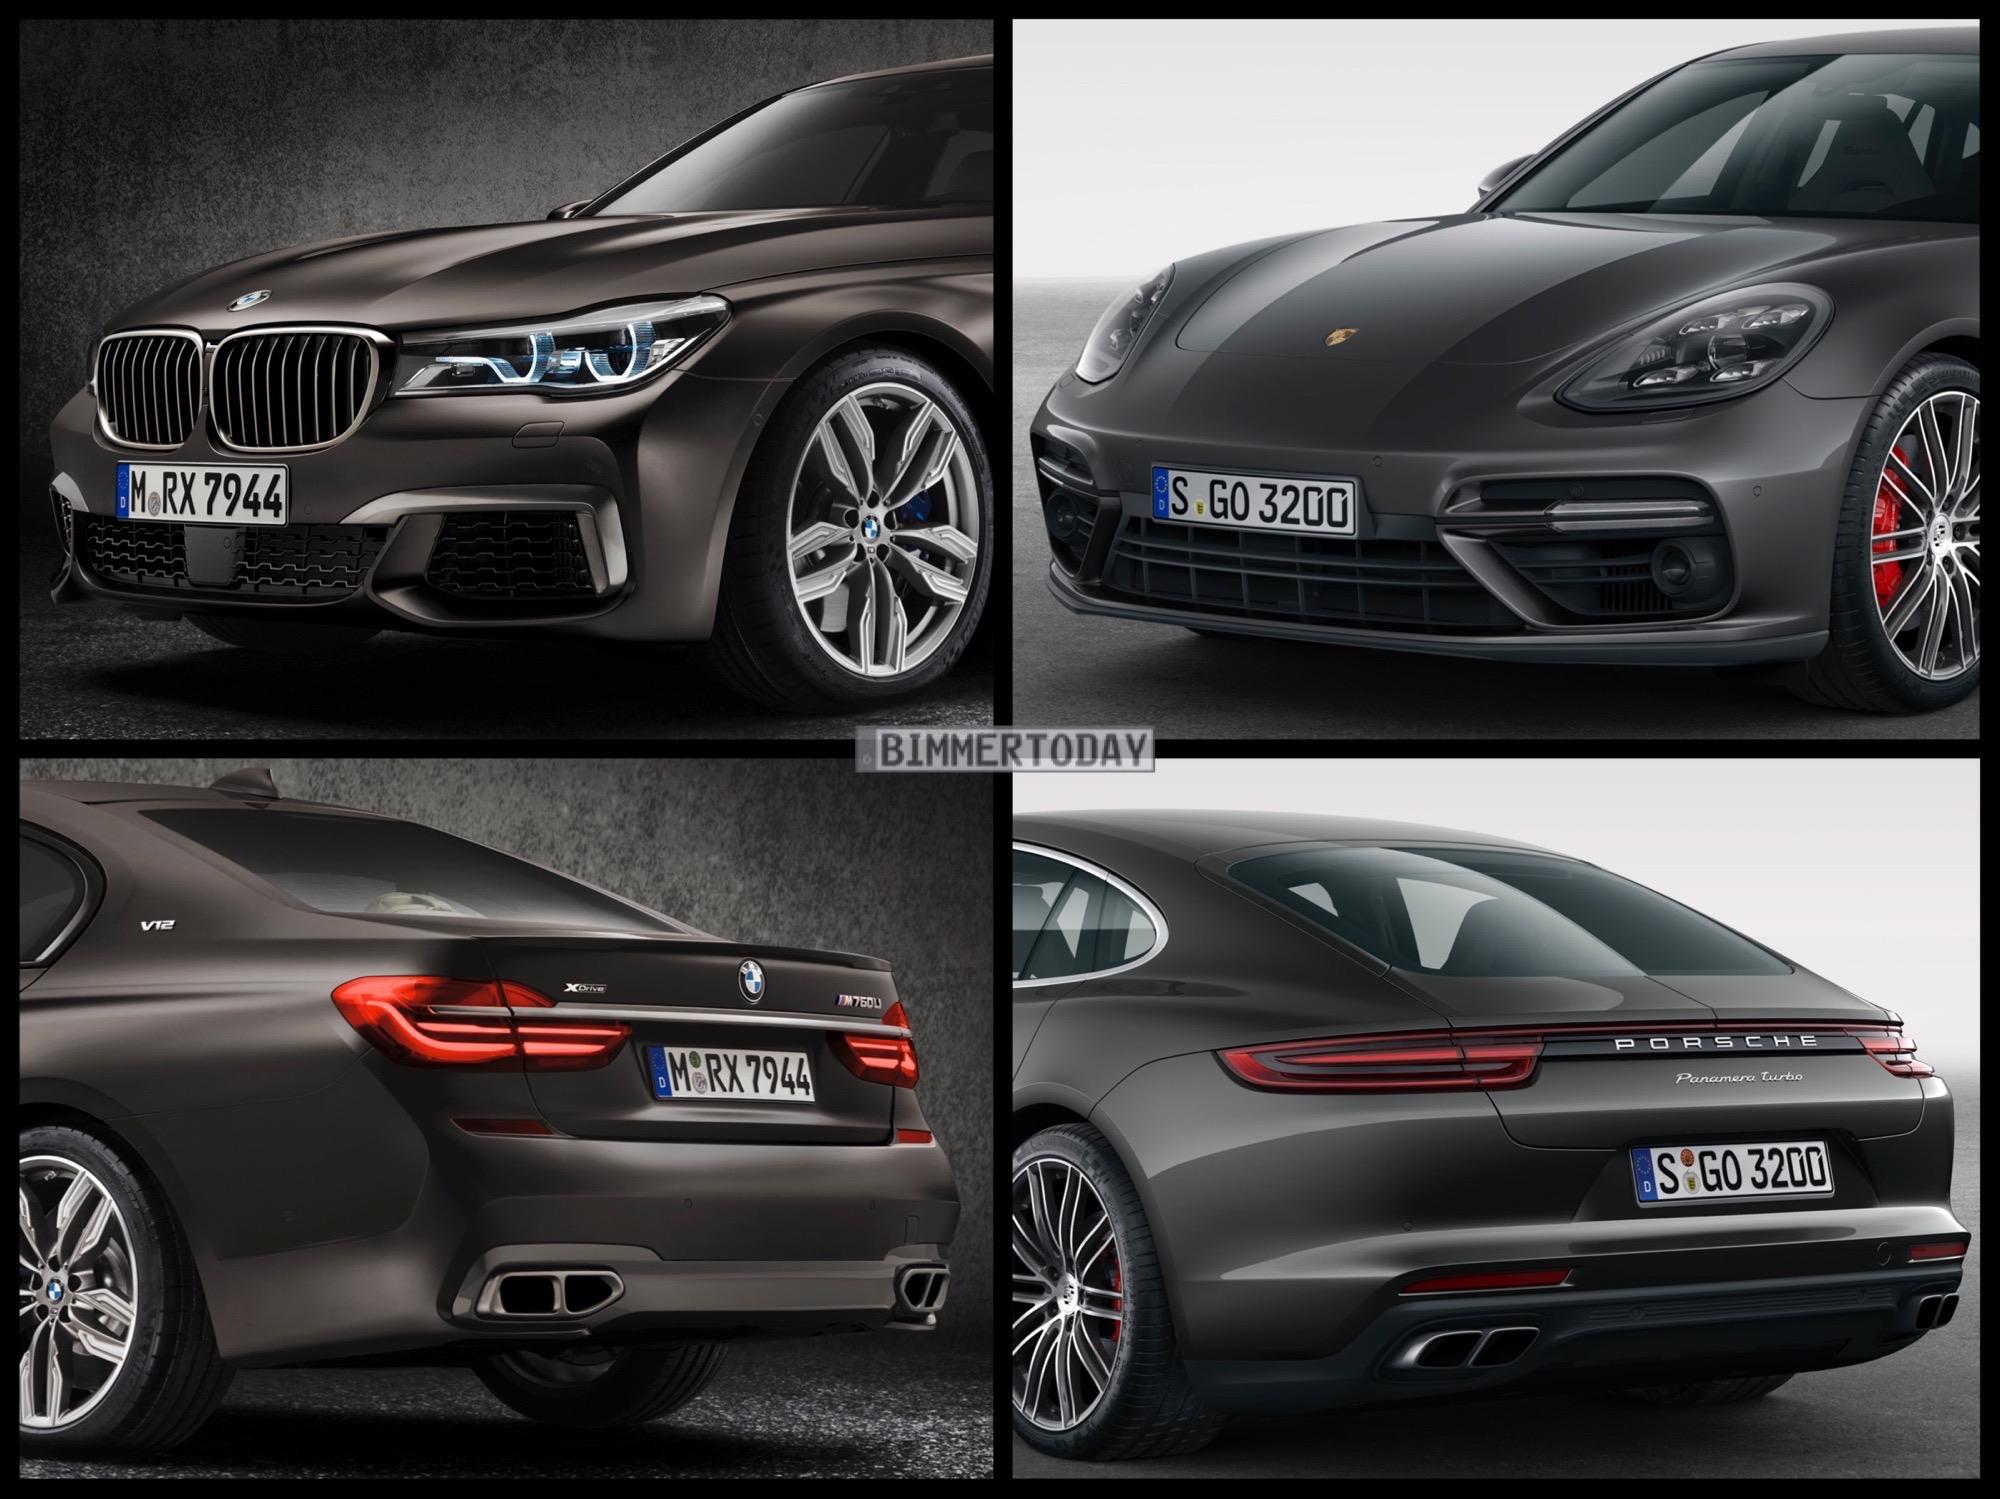 Bild Vergleich BMW 7er G11 M760Li Porsche Panamera Turbo 2016 01